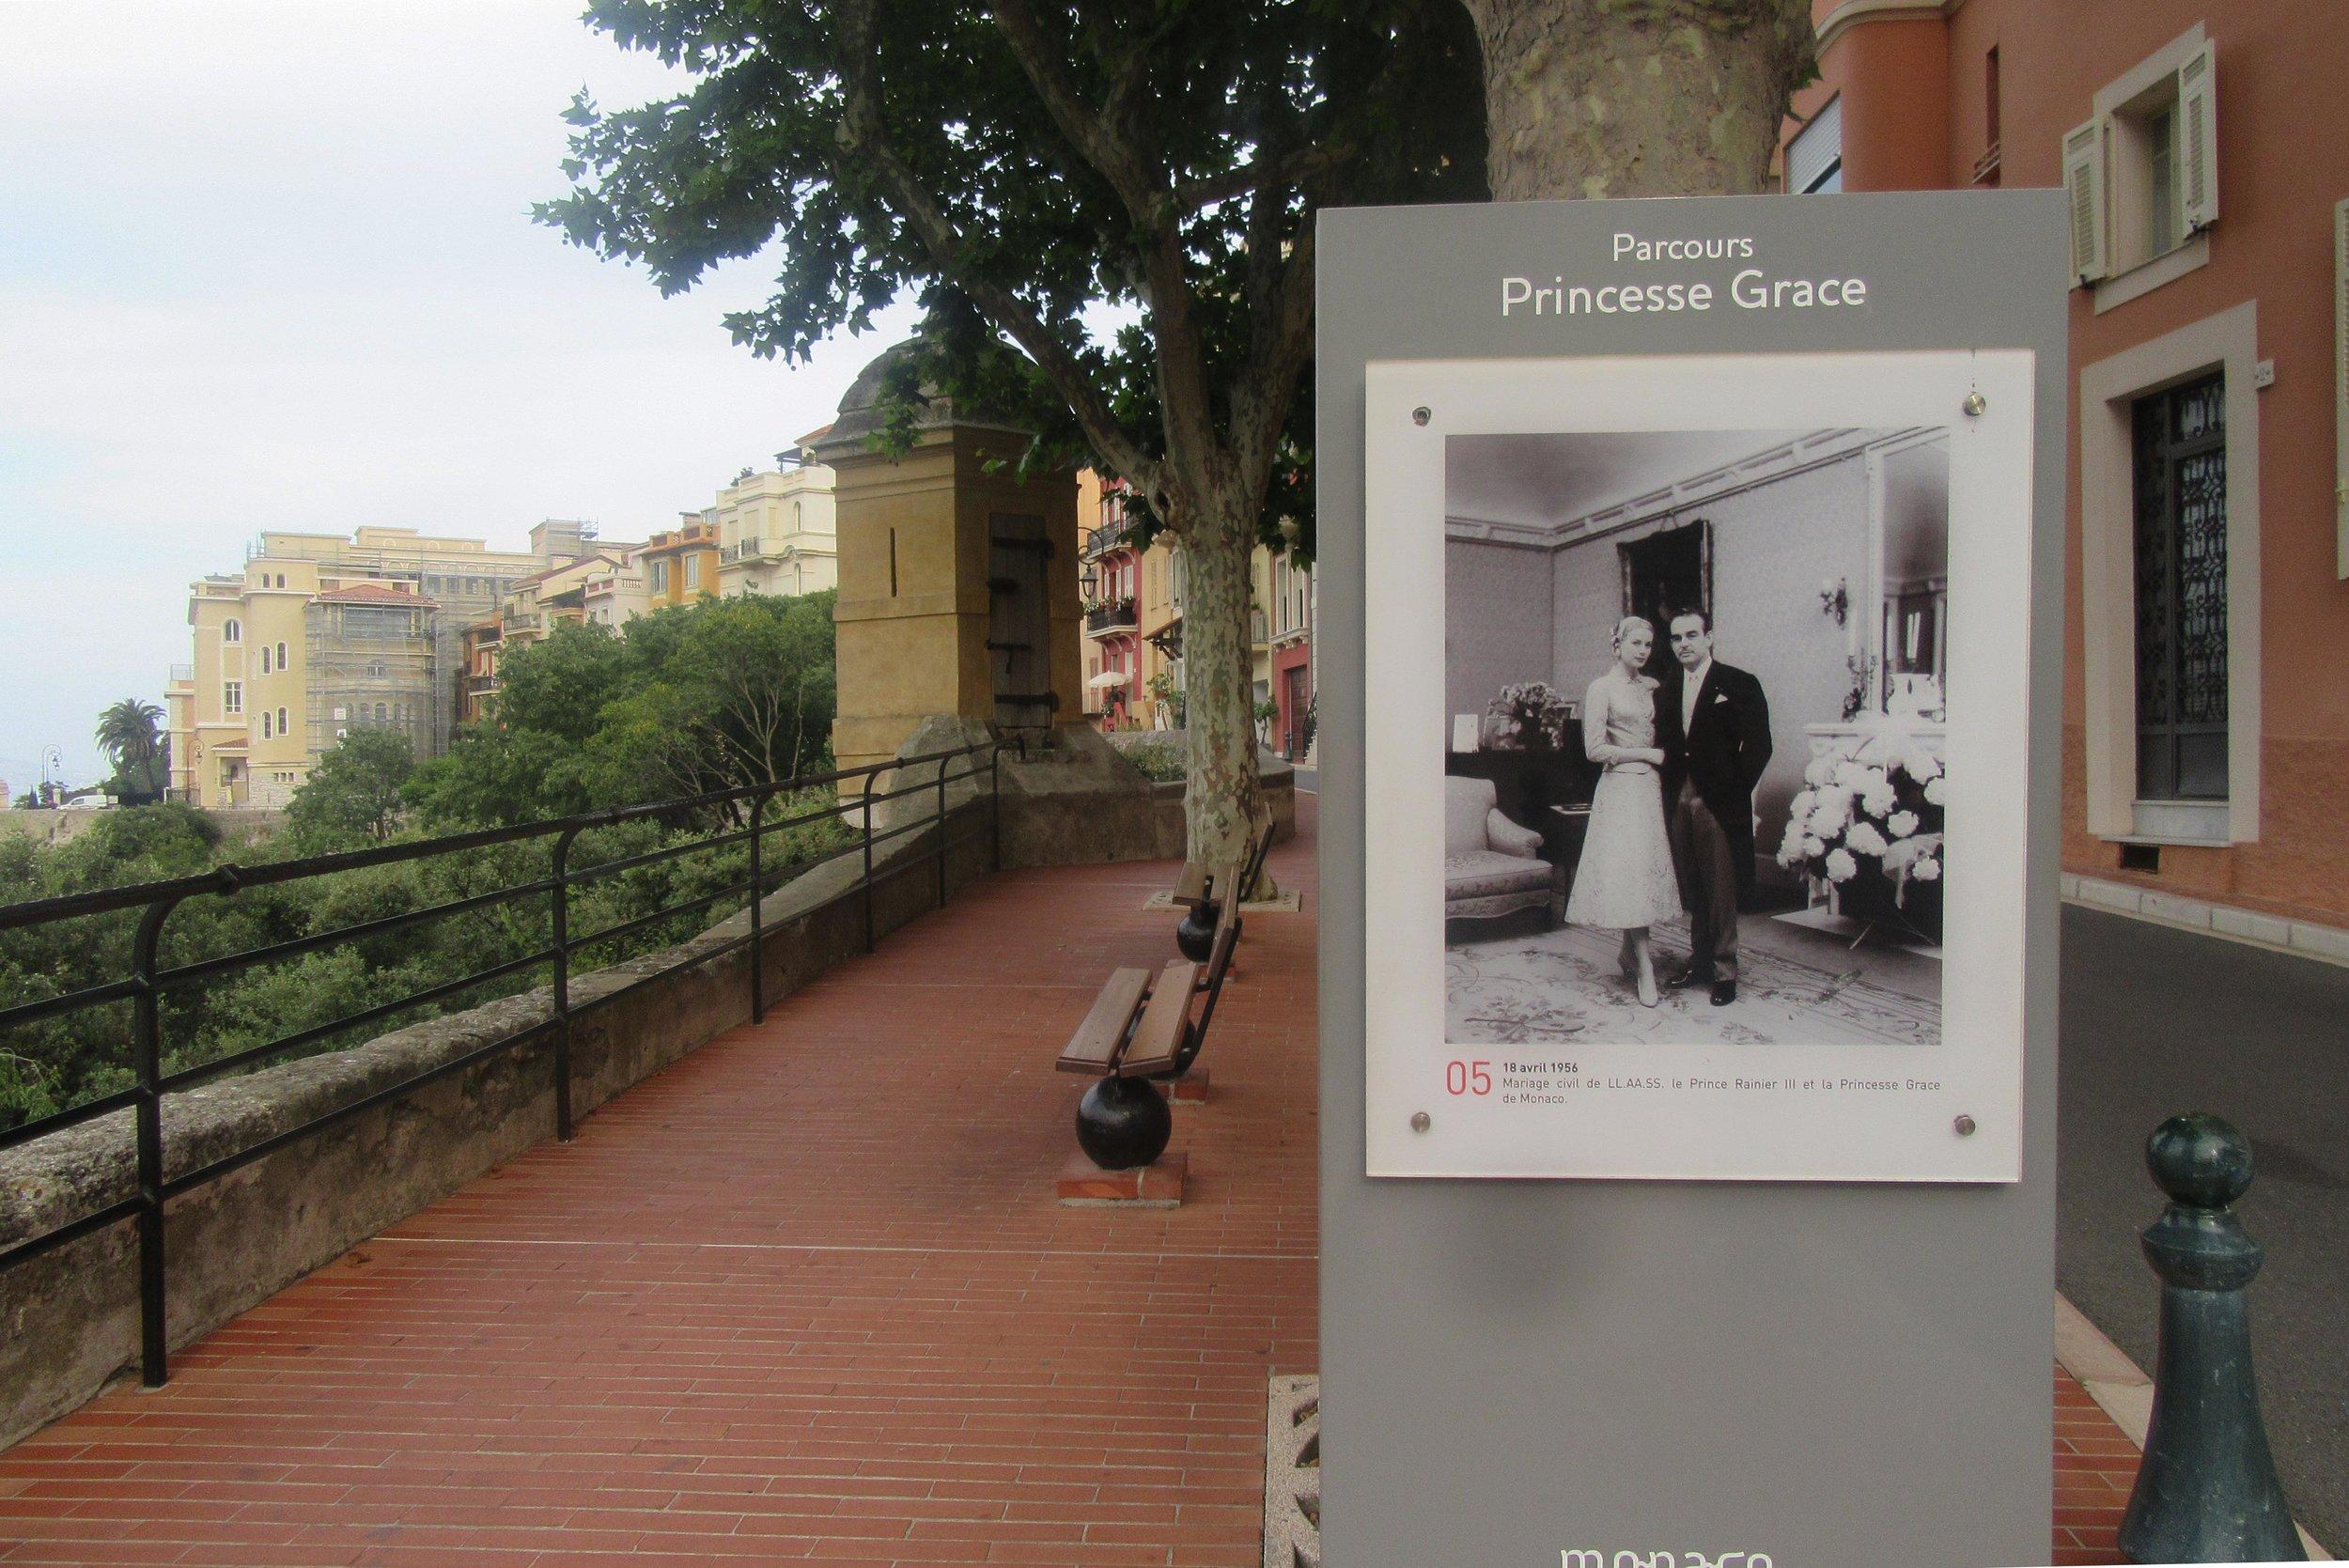 Parcours Princesse Grace Monte Carlo